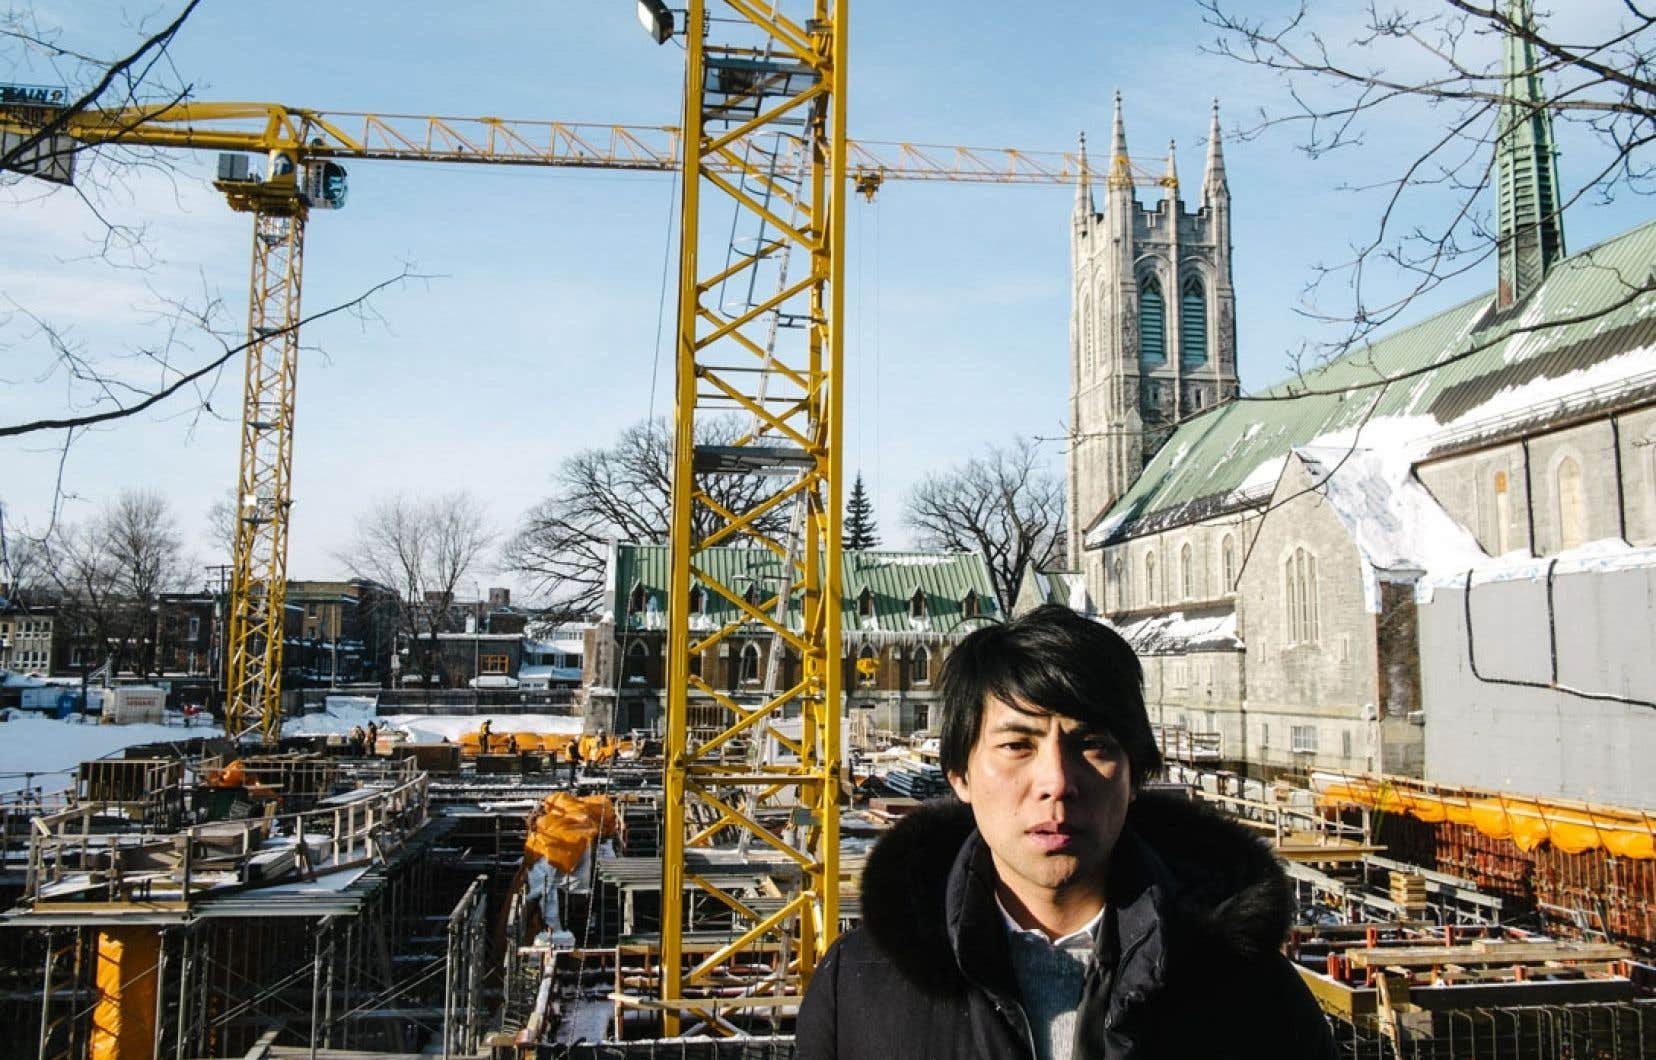 L'architecte Shohei Shigematsu photographié sur le chantier du nouveau pavillon du Musée national des beaux-arts du Québec, le plus important projet culturel de l'heure au Québec.